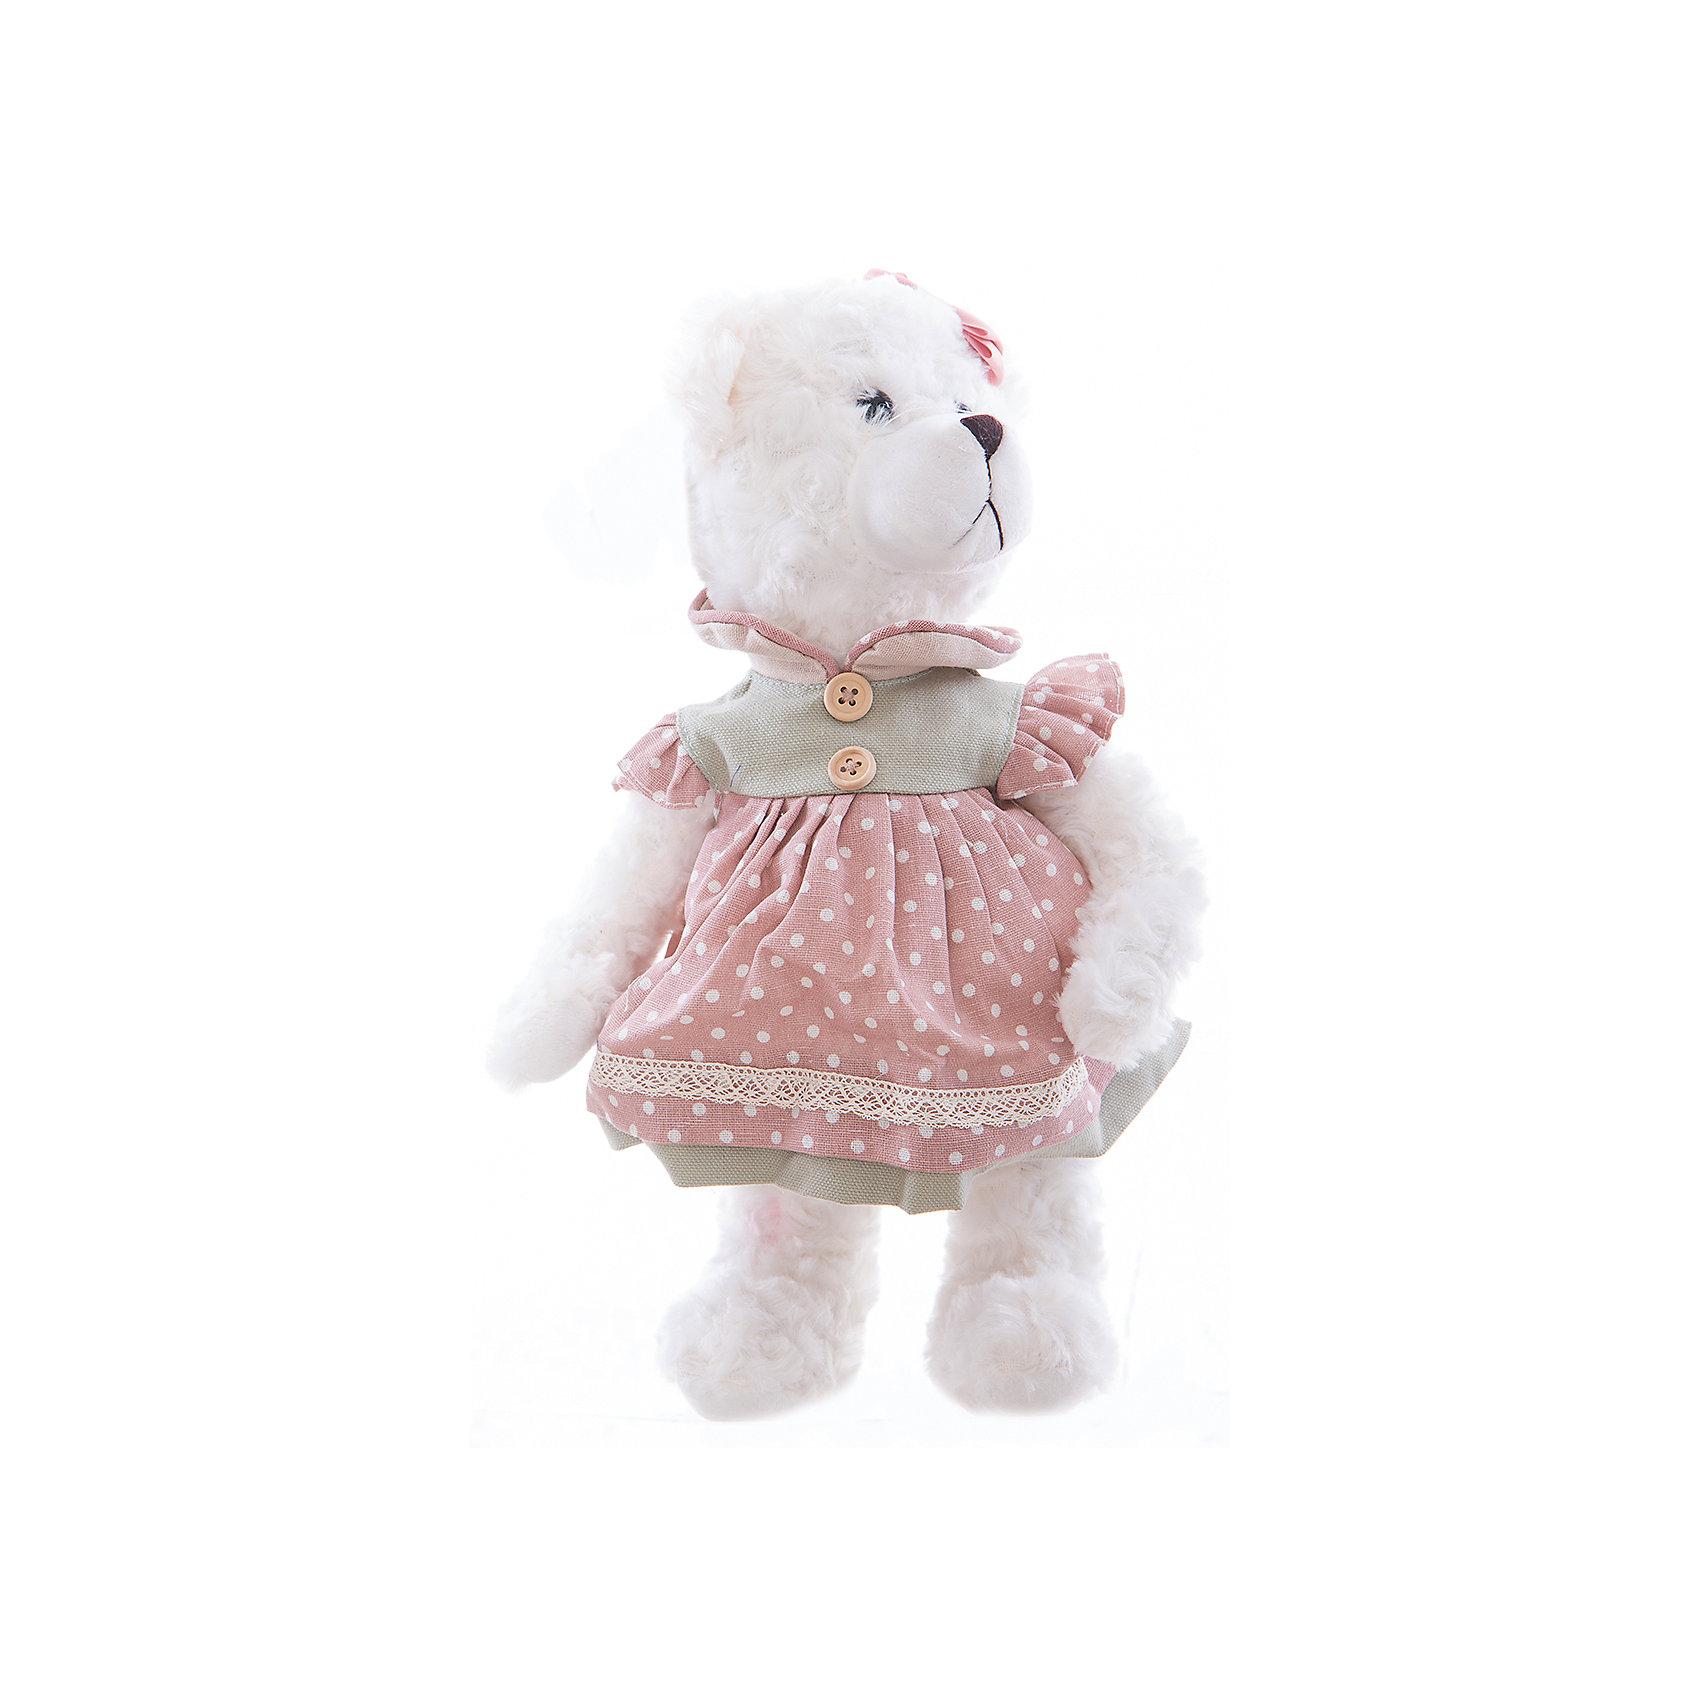 Интерьерная кукла Мишка C21-148615, EstroХарактеристики интерьерной куклы:<br><br>- материал: плюшевые<br>- размеры: 25*30*35 см<br>- бренд: Estro<br>- состав: дерево, полиэстер, текстиль, полиэфир<br>- тип игрушки: животные, мягкая игрушка<br>- персонаж: медведь<br>- вид упаковки: коробка<br>- возрастные ограничения: 3+<br>- страна бренда: Италия<br>- страна производитель: Китай<br>- комплектация: игрушка<br><br>Это не просто дизайнерская игрушка, а интерьерная кукла ручной работы в виде белого мишки, которая прекрасно впишется в самый изысканный и стильный интерьер и идеально подойдет под Ваши новые шторы или станет прекрасным подарком для любого случая. <br><br>Интерьерную куклу медвежонок итальянской торговой марки Estro можно купить в нашем интернет-магазине.<br><br>Ширина мм: 150<br>Глубина мм: 150<br>Высота мм: 350<br>Вес г: 323<br>Возраст от месяцев: 36<br>Возраст до месяцев: 1188<br>Пол: Женский<br>Возраст: Детский<br>SKU: 5356609